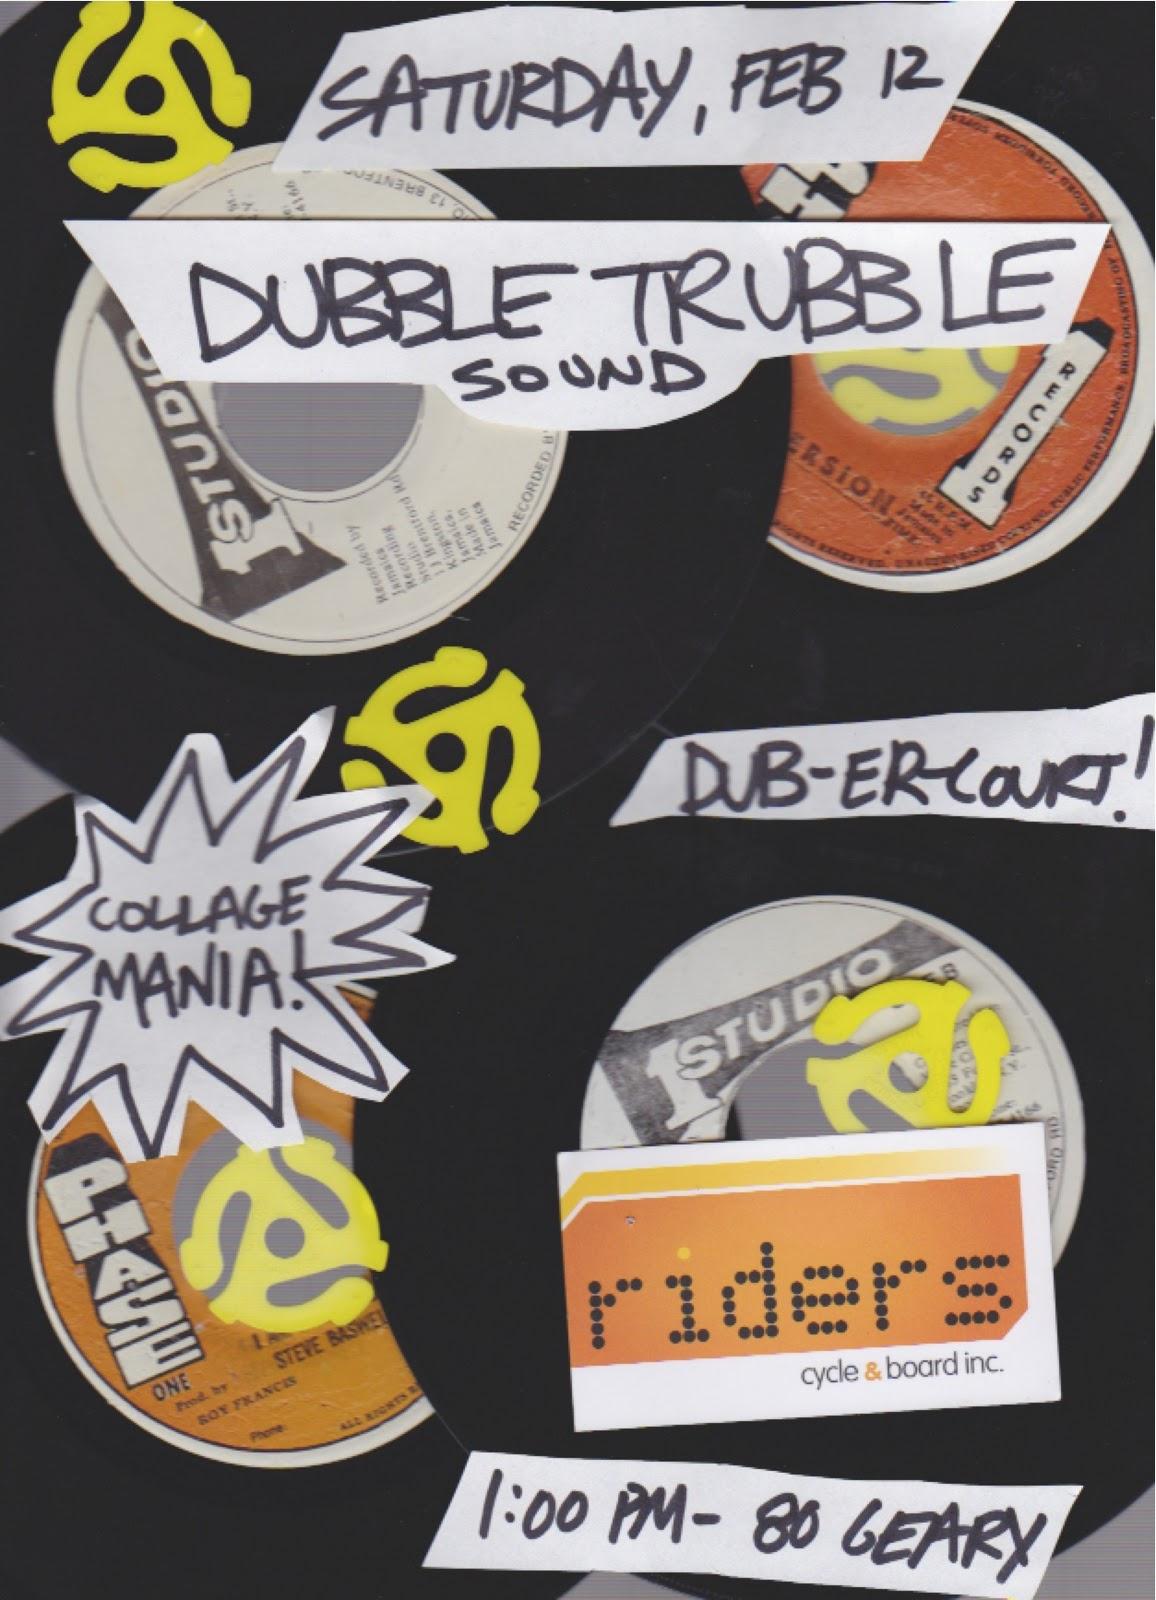 dubble bubble pinball machine